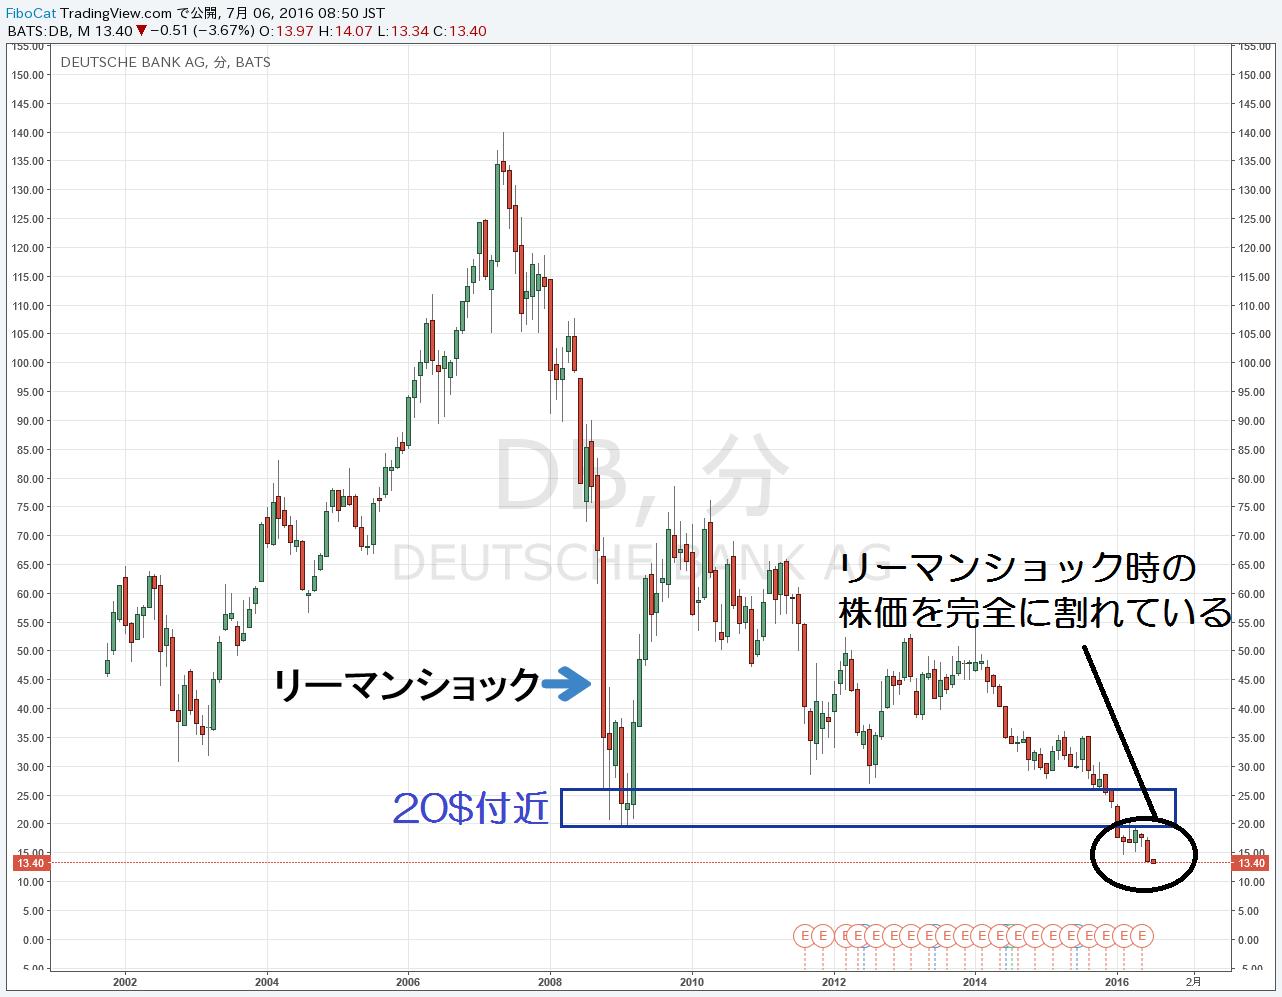 16.7.6ドイツ銀行-株価